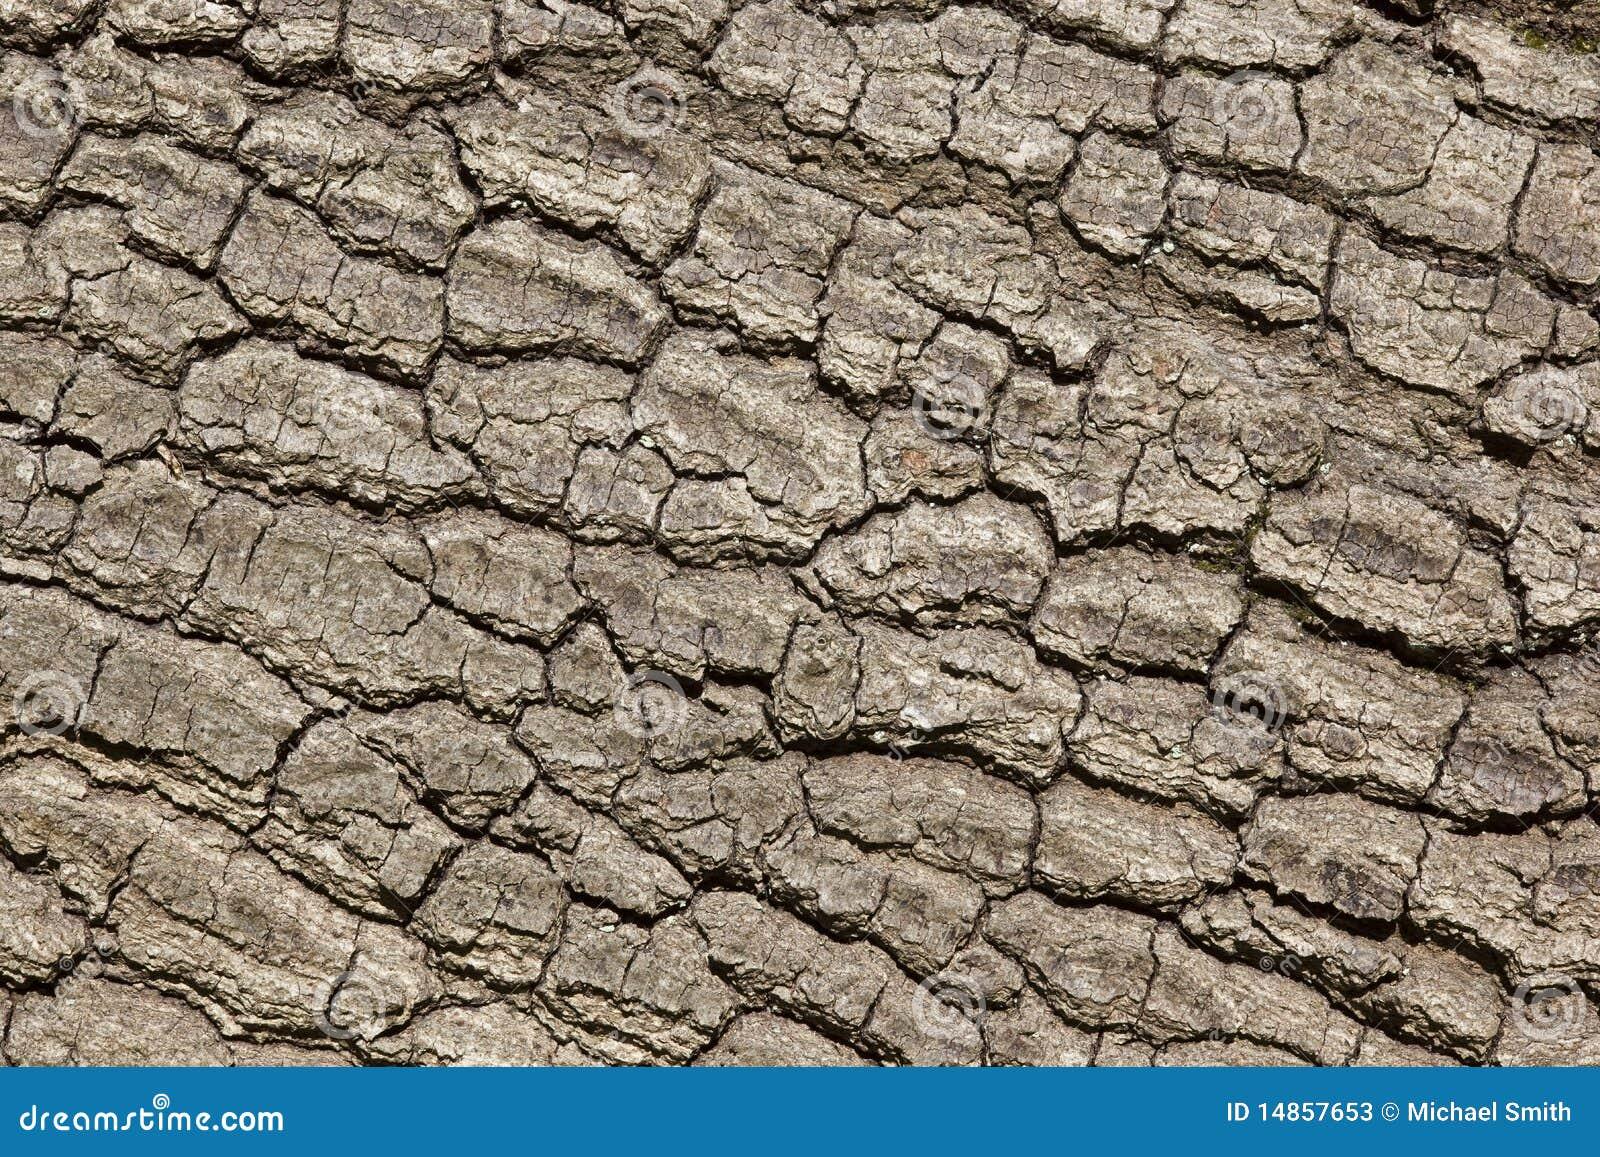 Oak tree bark